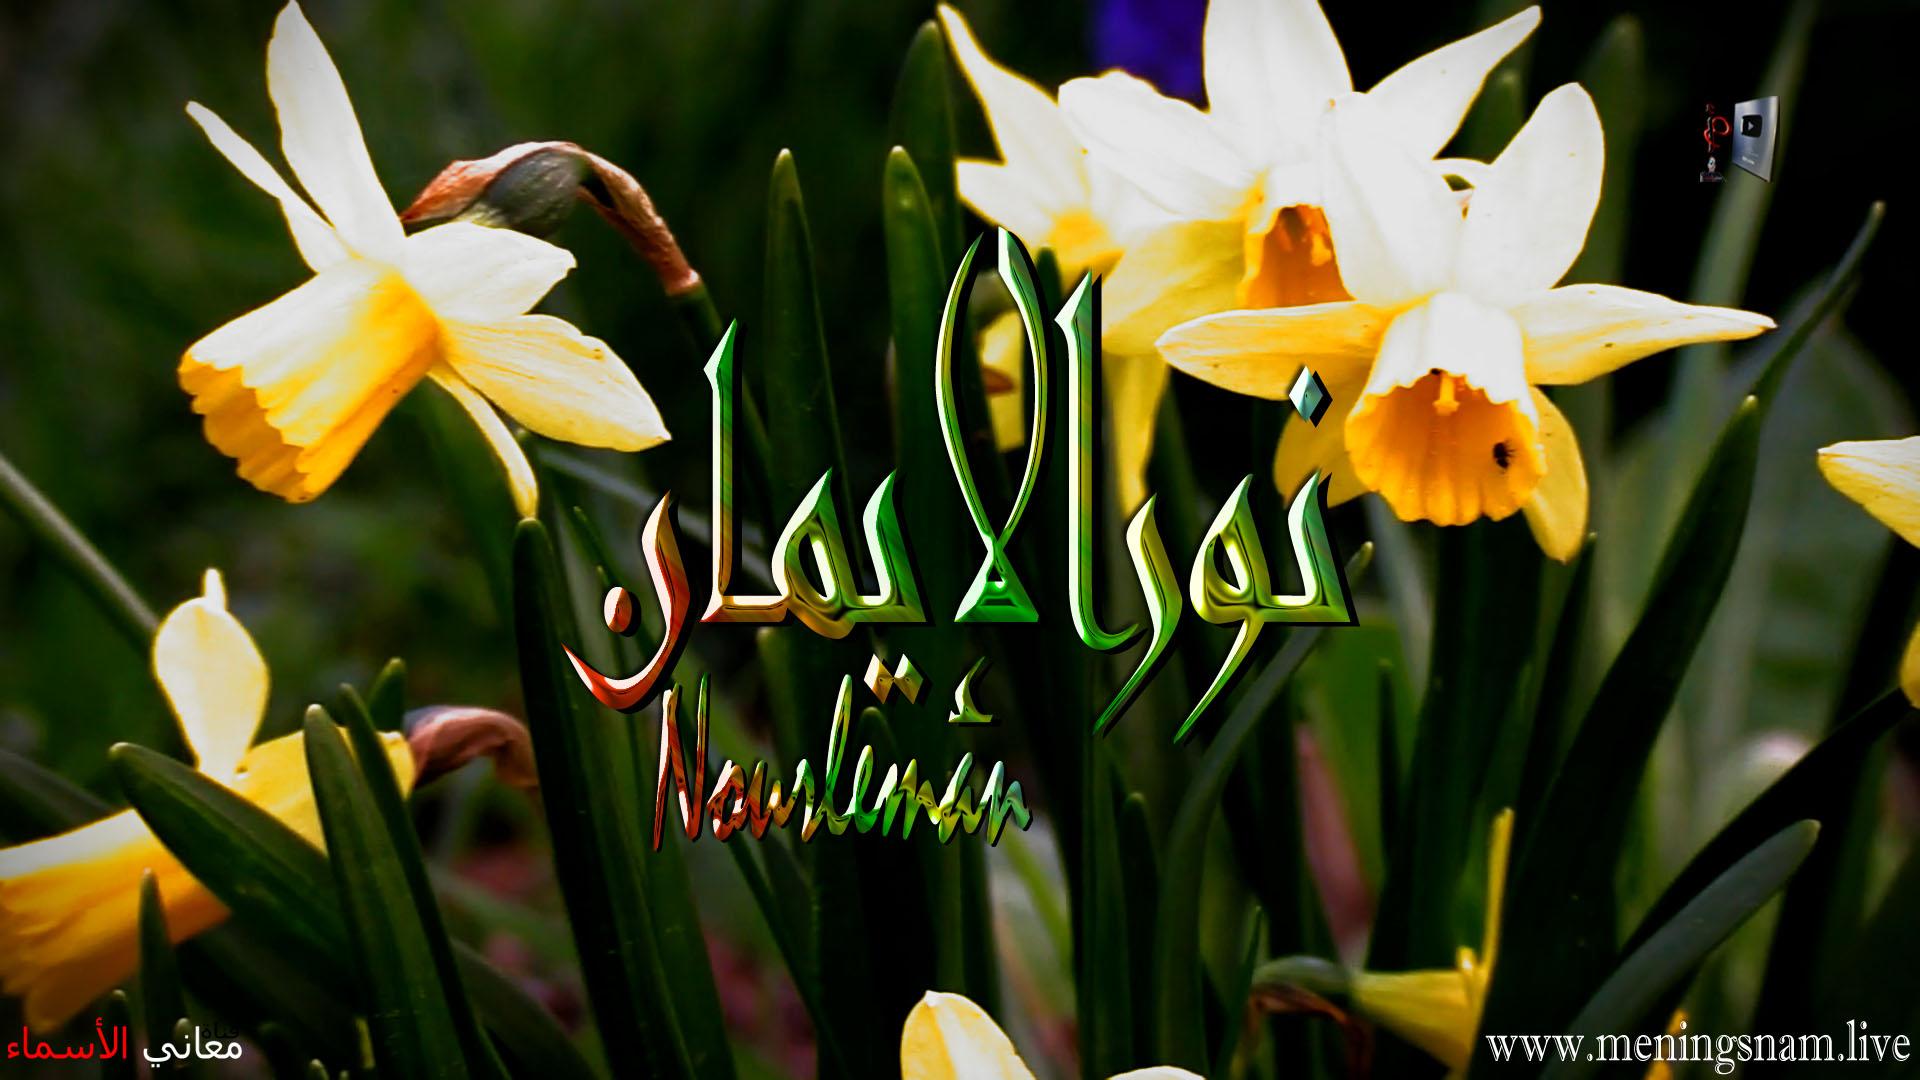 معنى اسم نور الايمان وصفات حاملة و حامل هذا لاسم Nour Aleman